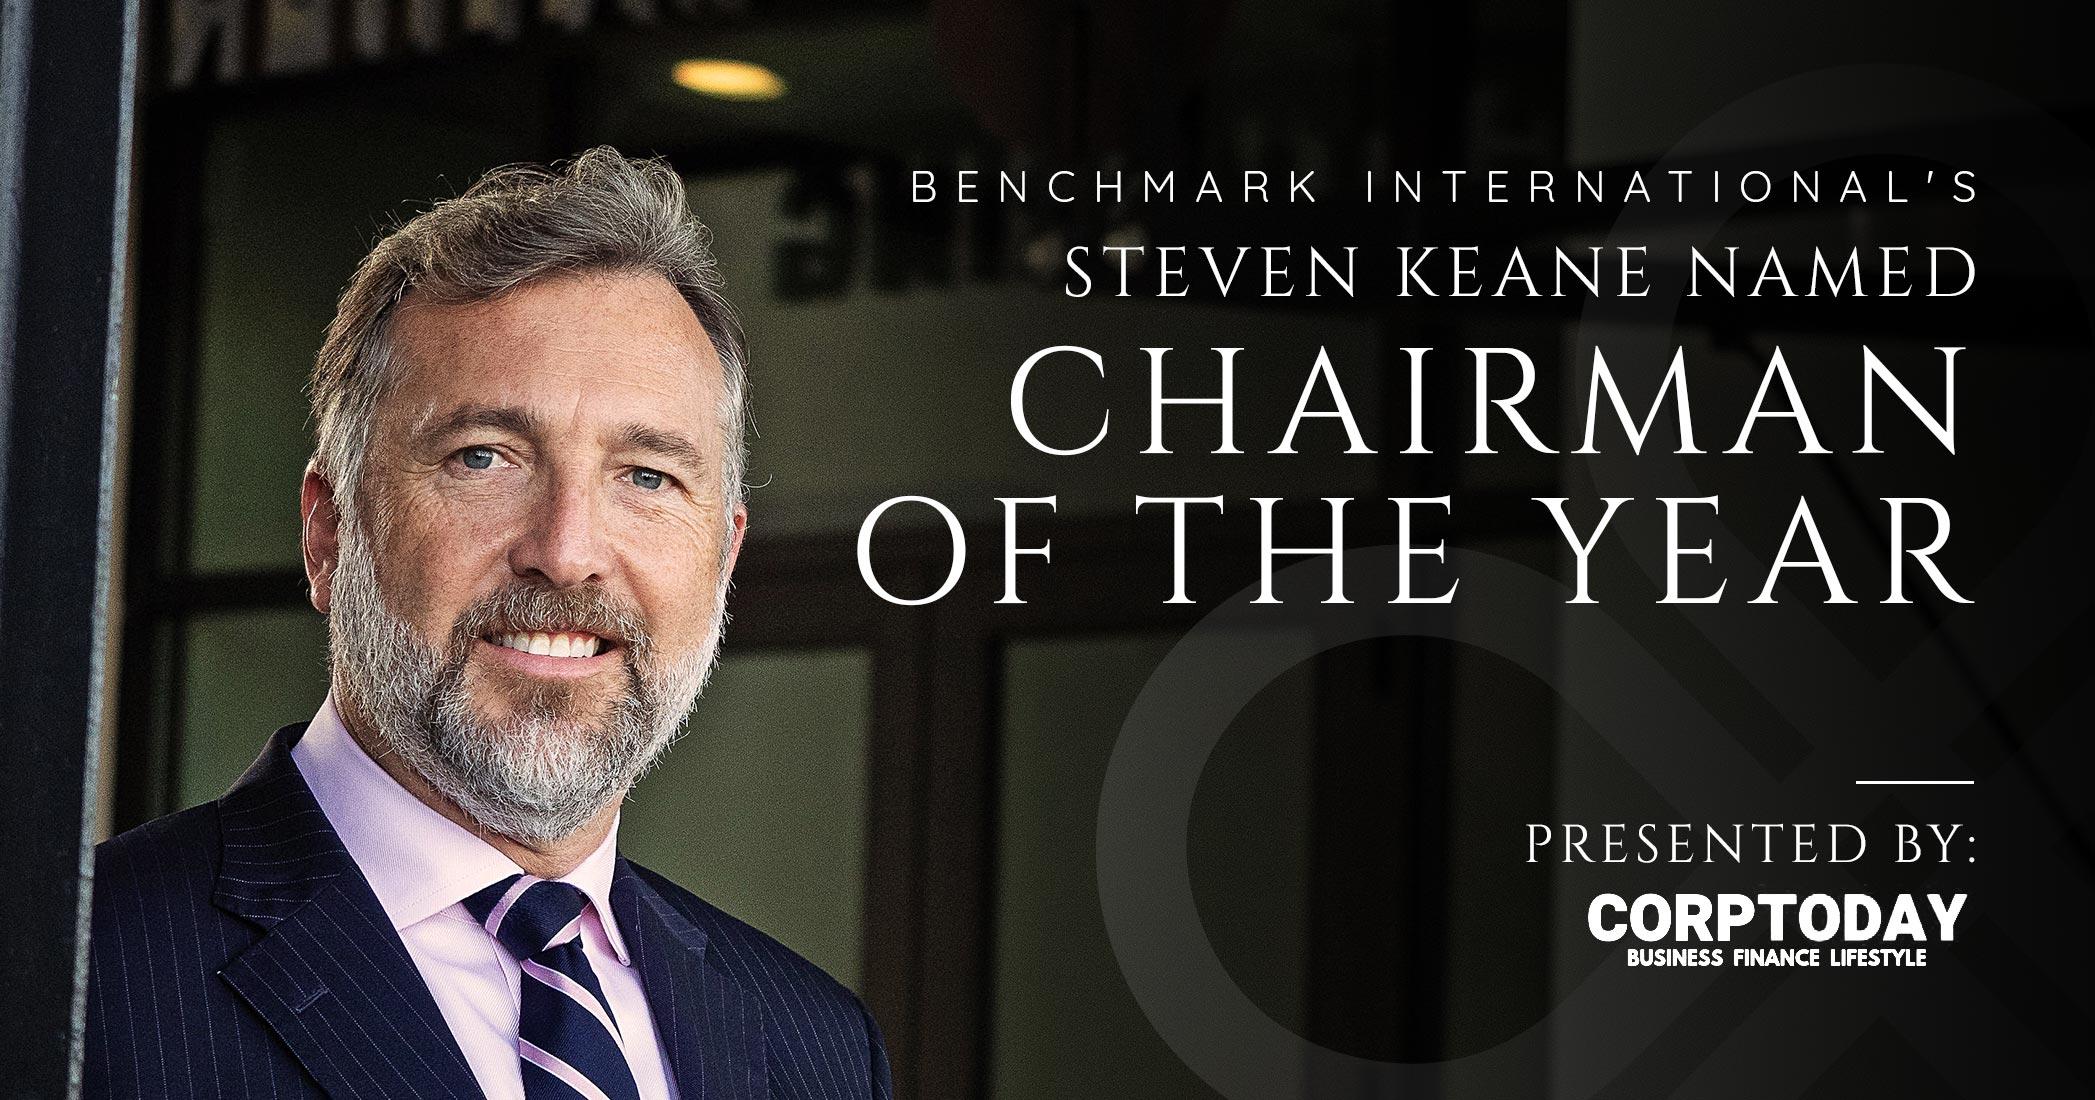 Benchmark International's Steven Keane Named Chairman of the Year